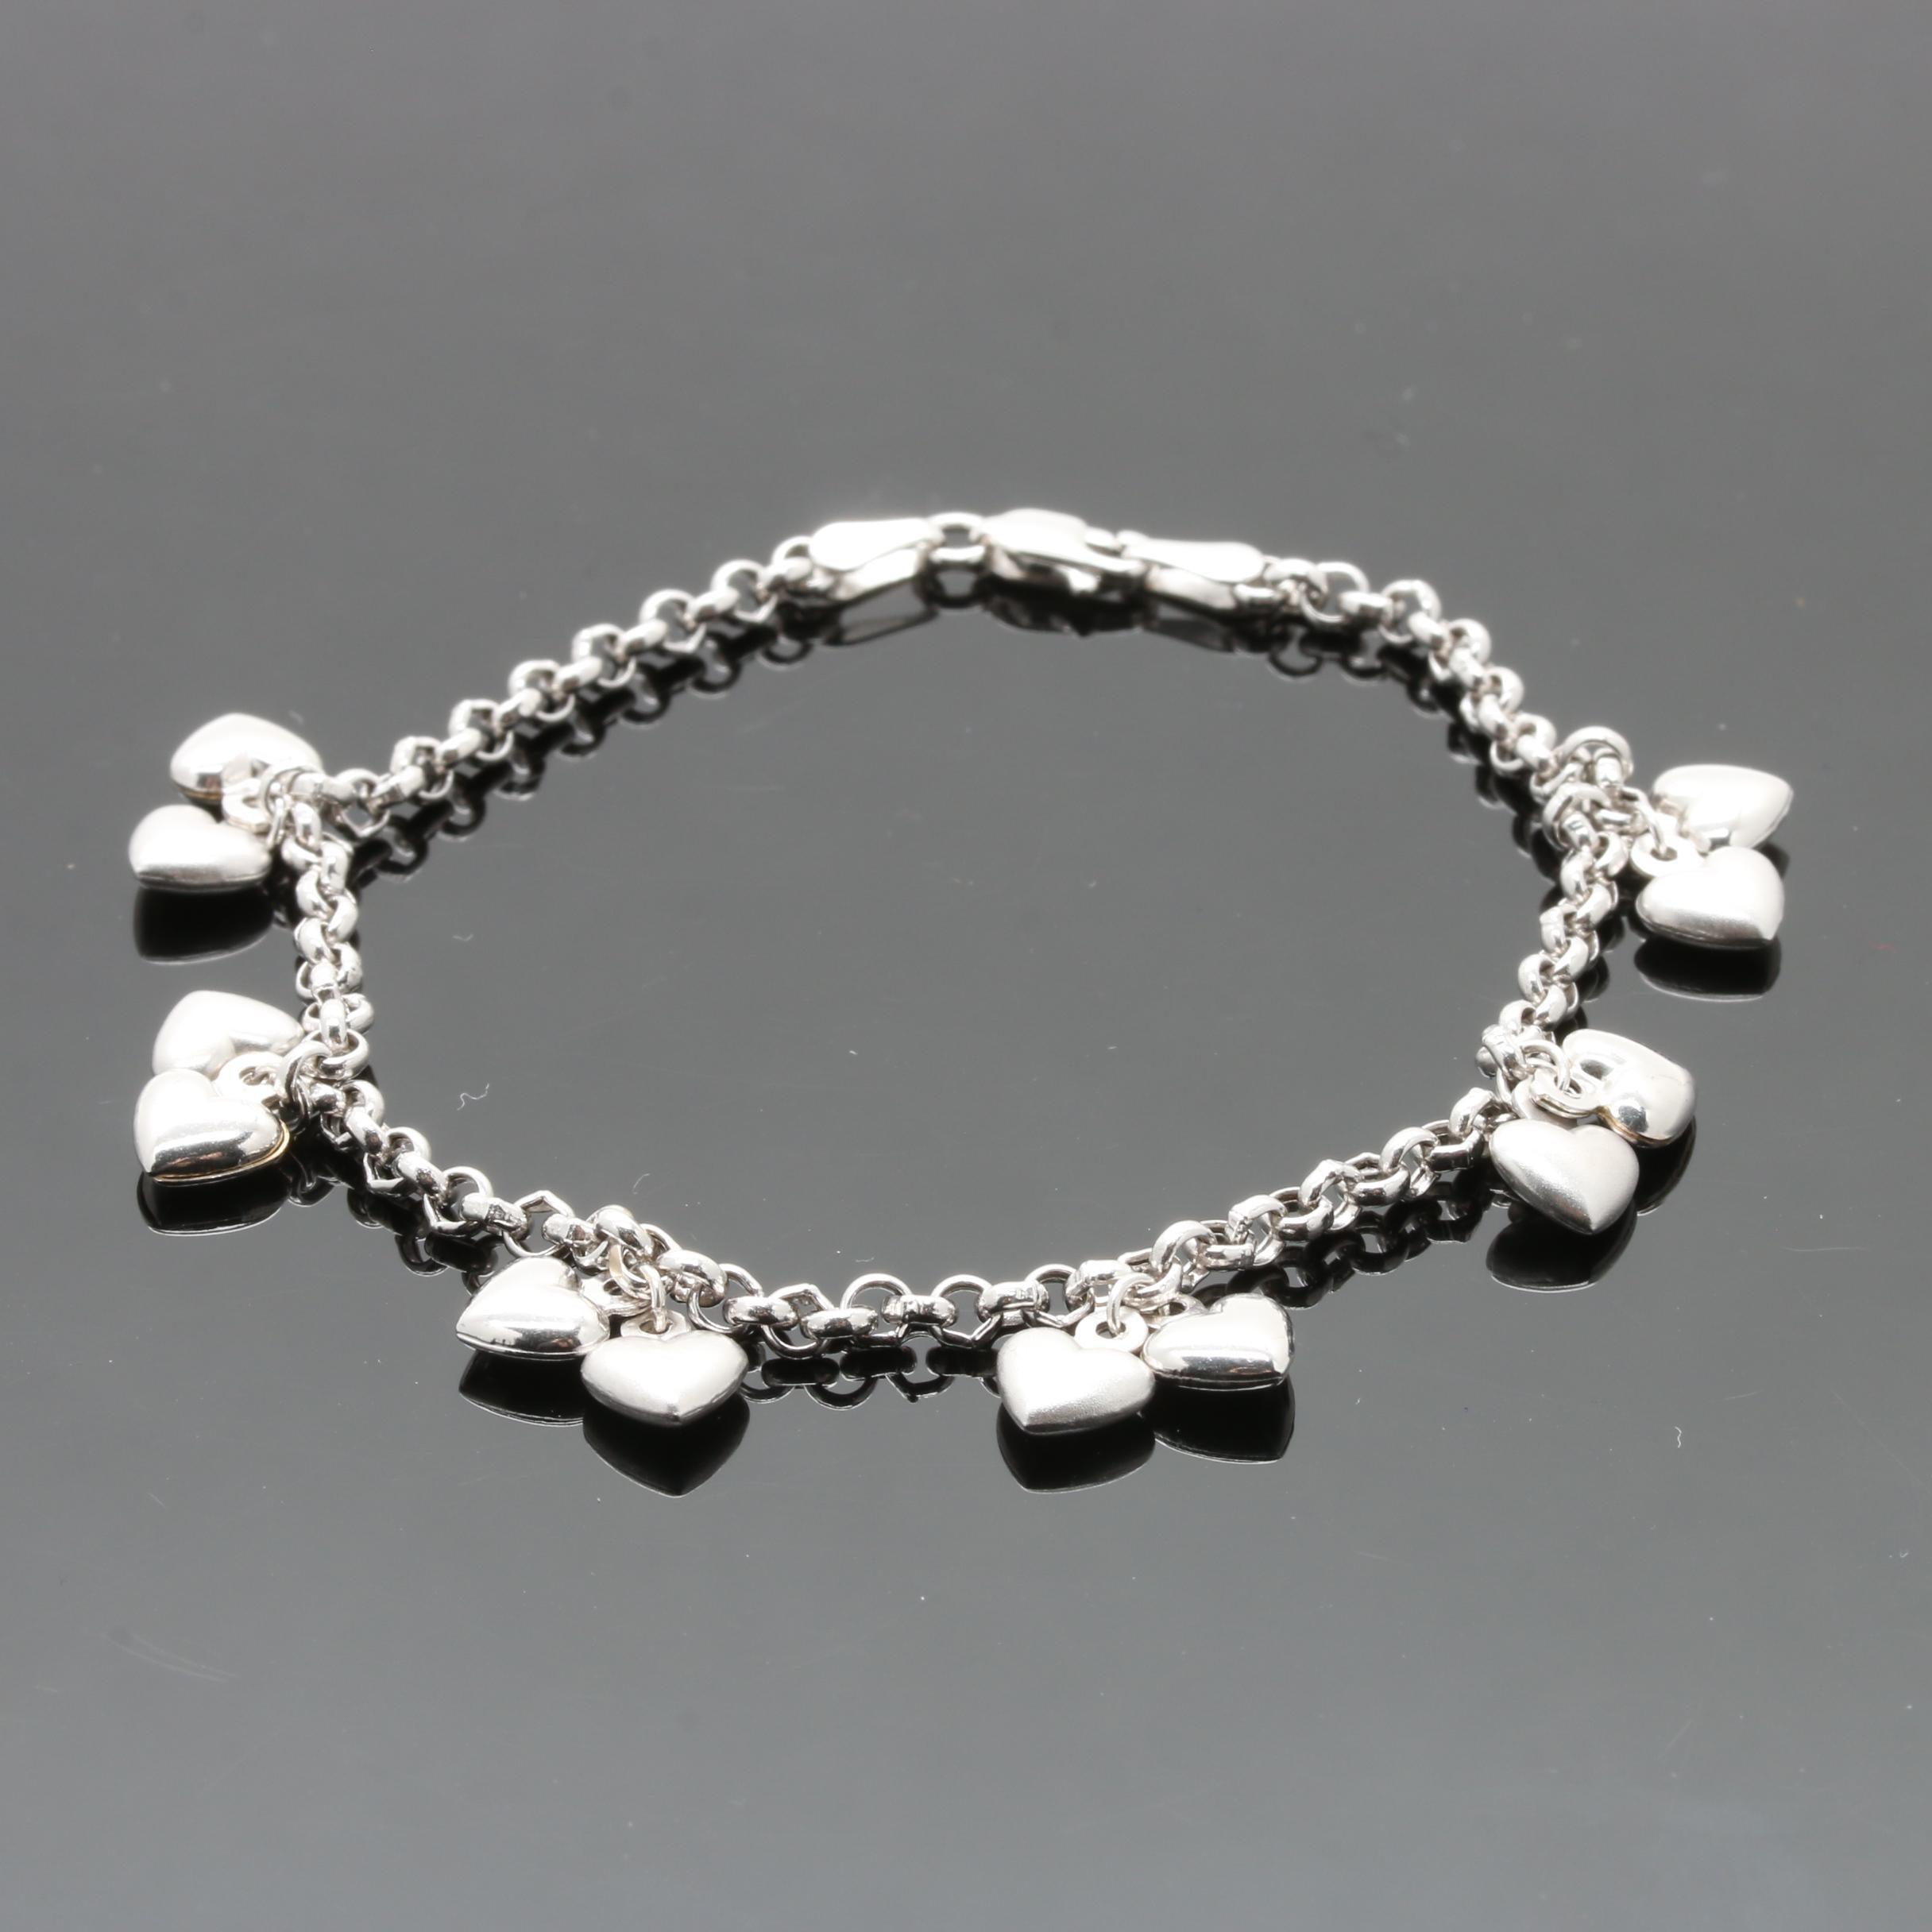 14K White Gold Heart Charm Bracelet